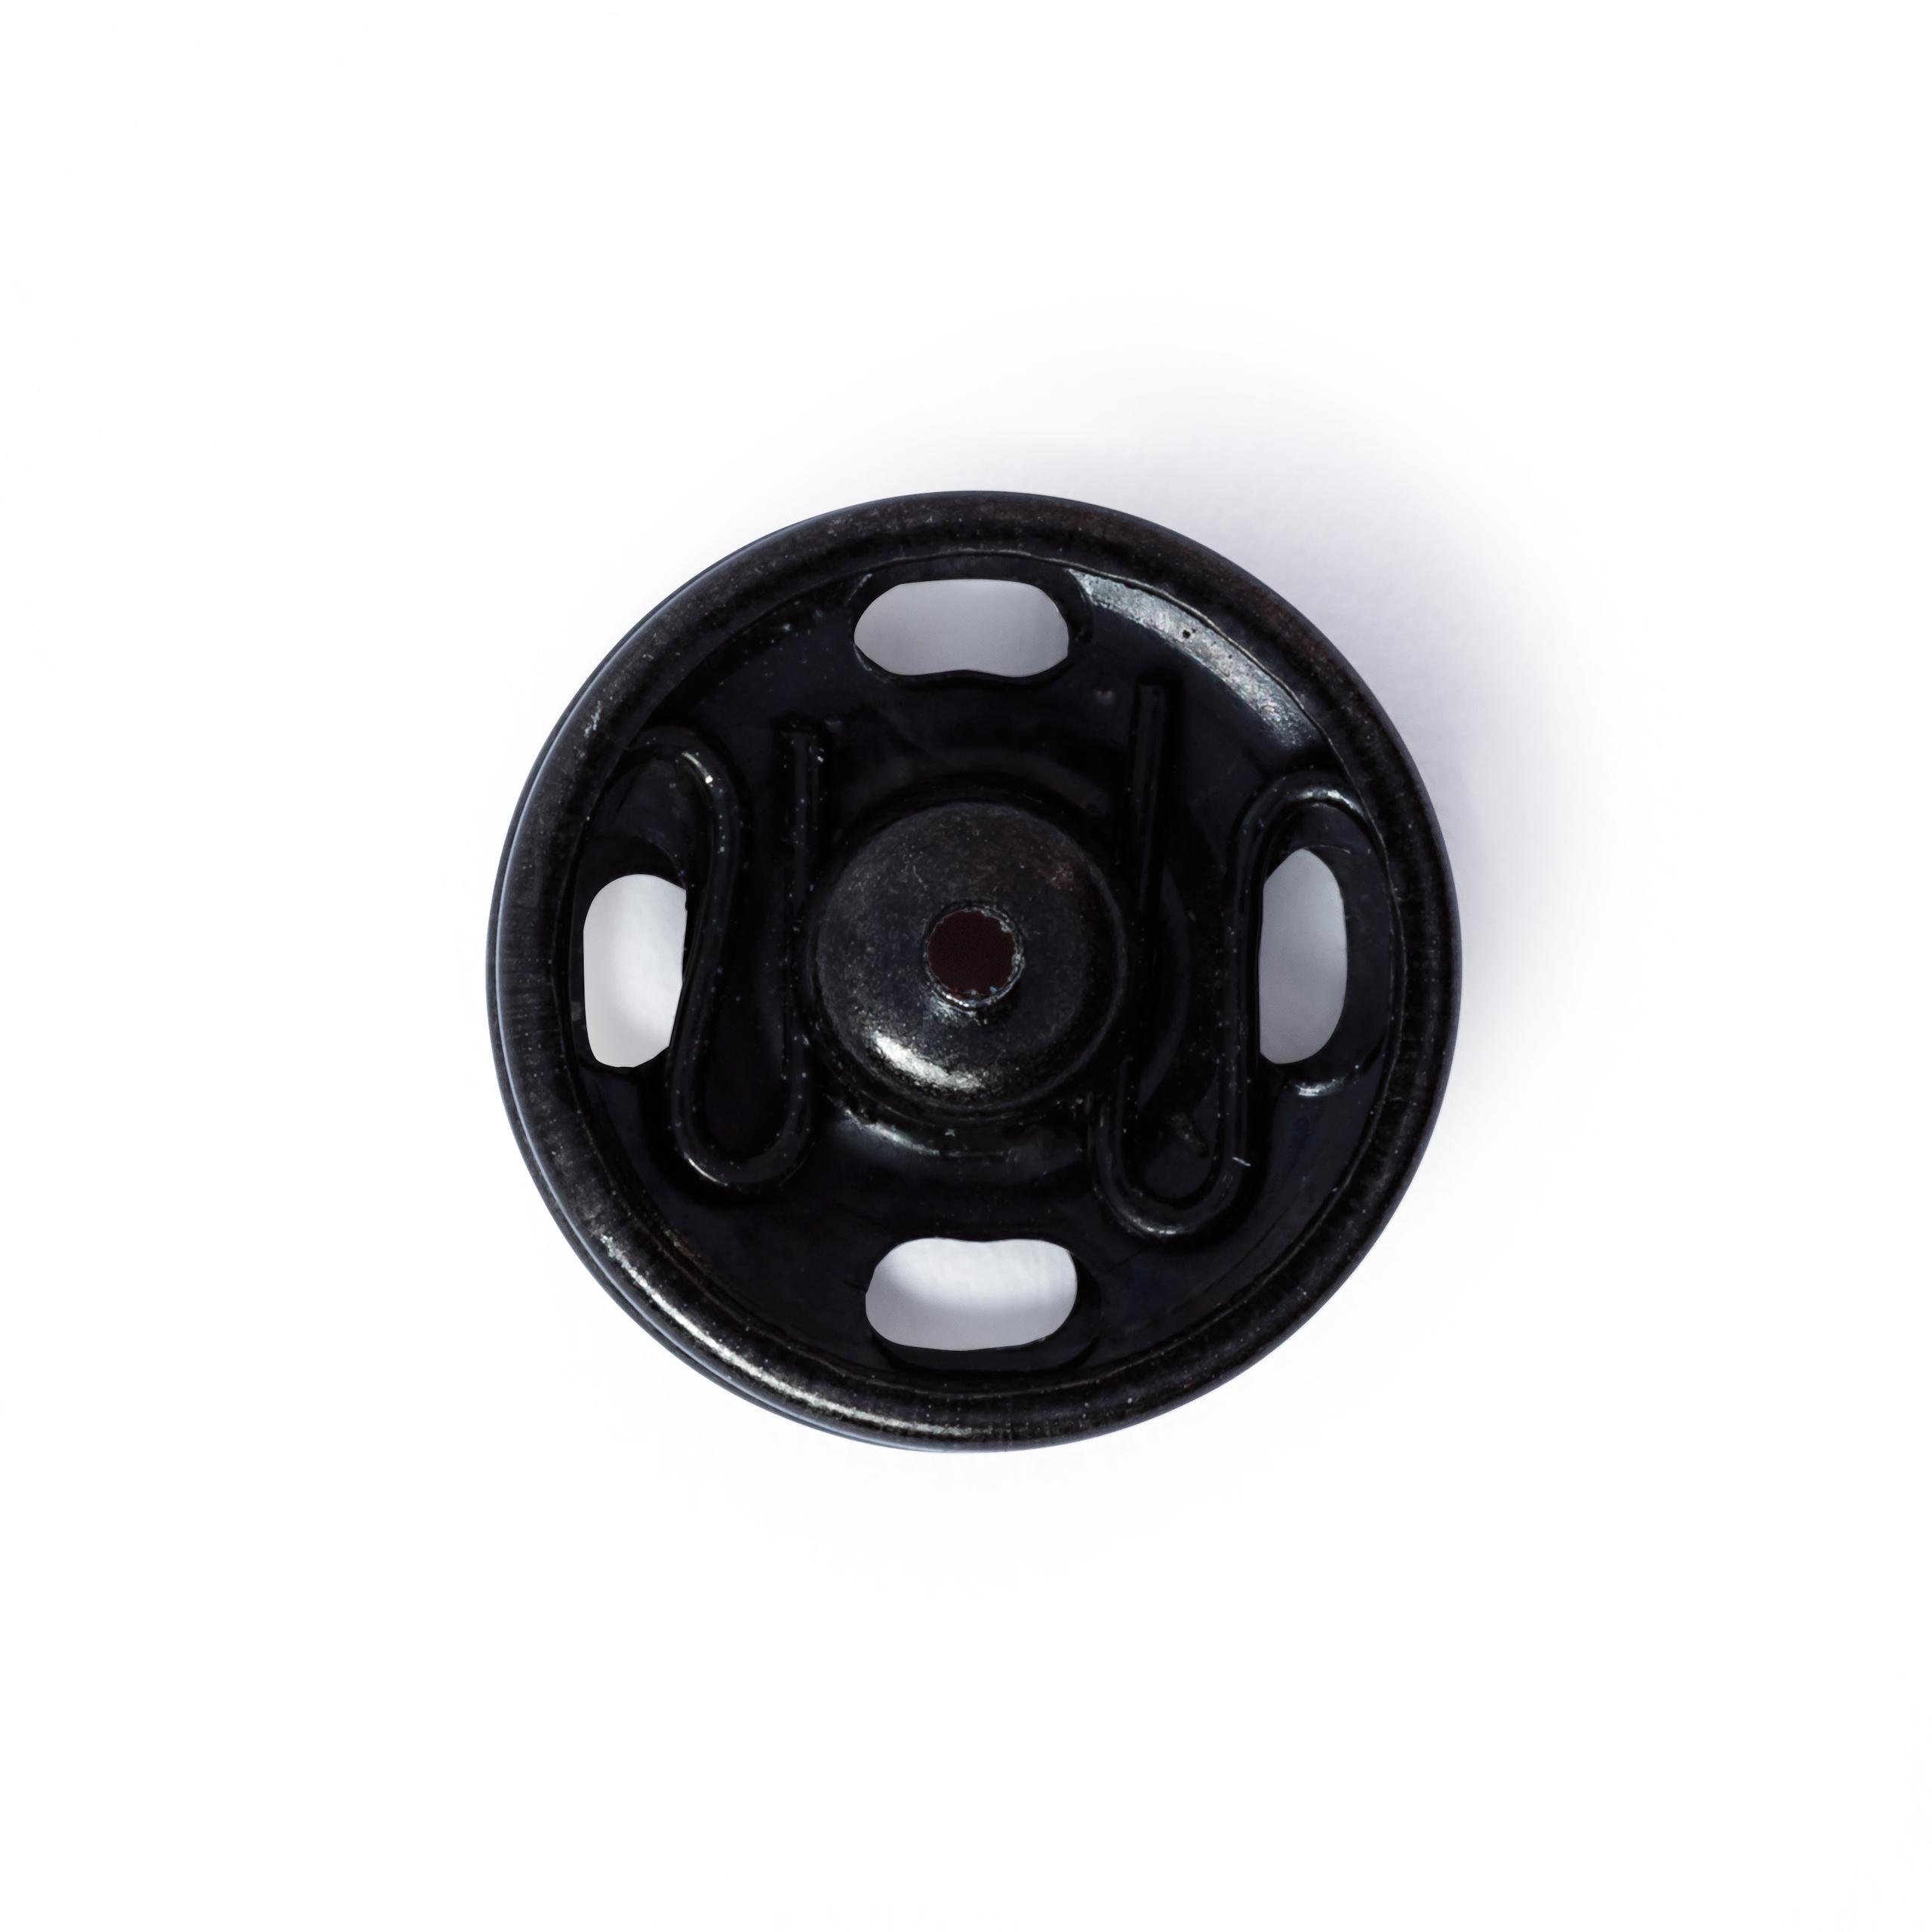 Druckknöpfe, schwarz, 6 Stück, 13 mm, Prym - Art. 341168